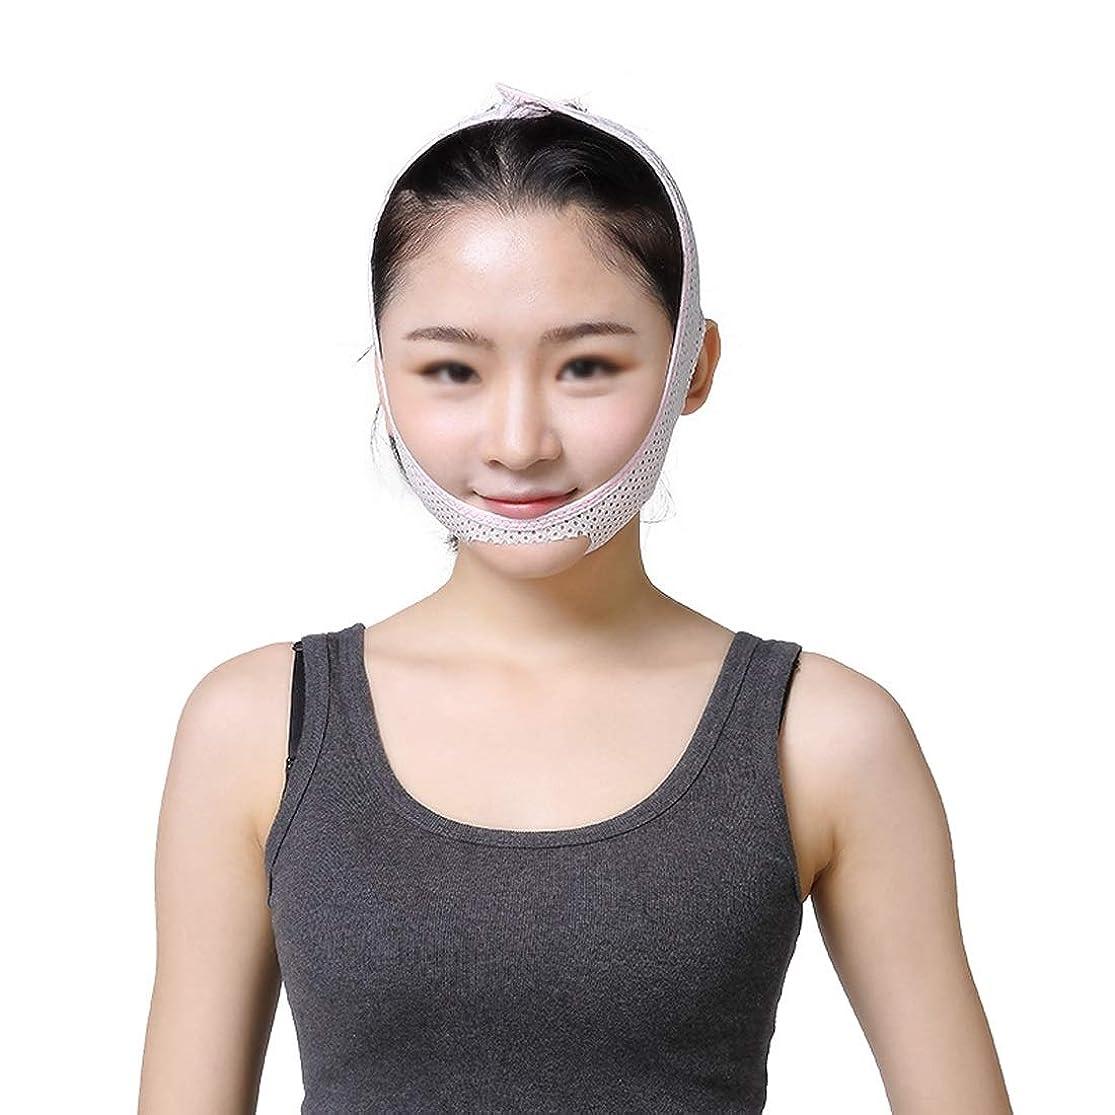 追う前に脱走ZWBD フェイスマスク, 薄い顔包帯美容機器持ち上がる引き締めダブルチン判決V顔の引き締め痩身包帯引き締めフェイシャルマッサージ (Size : L)